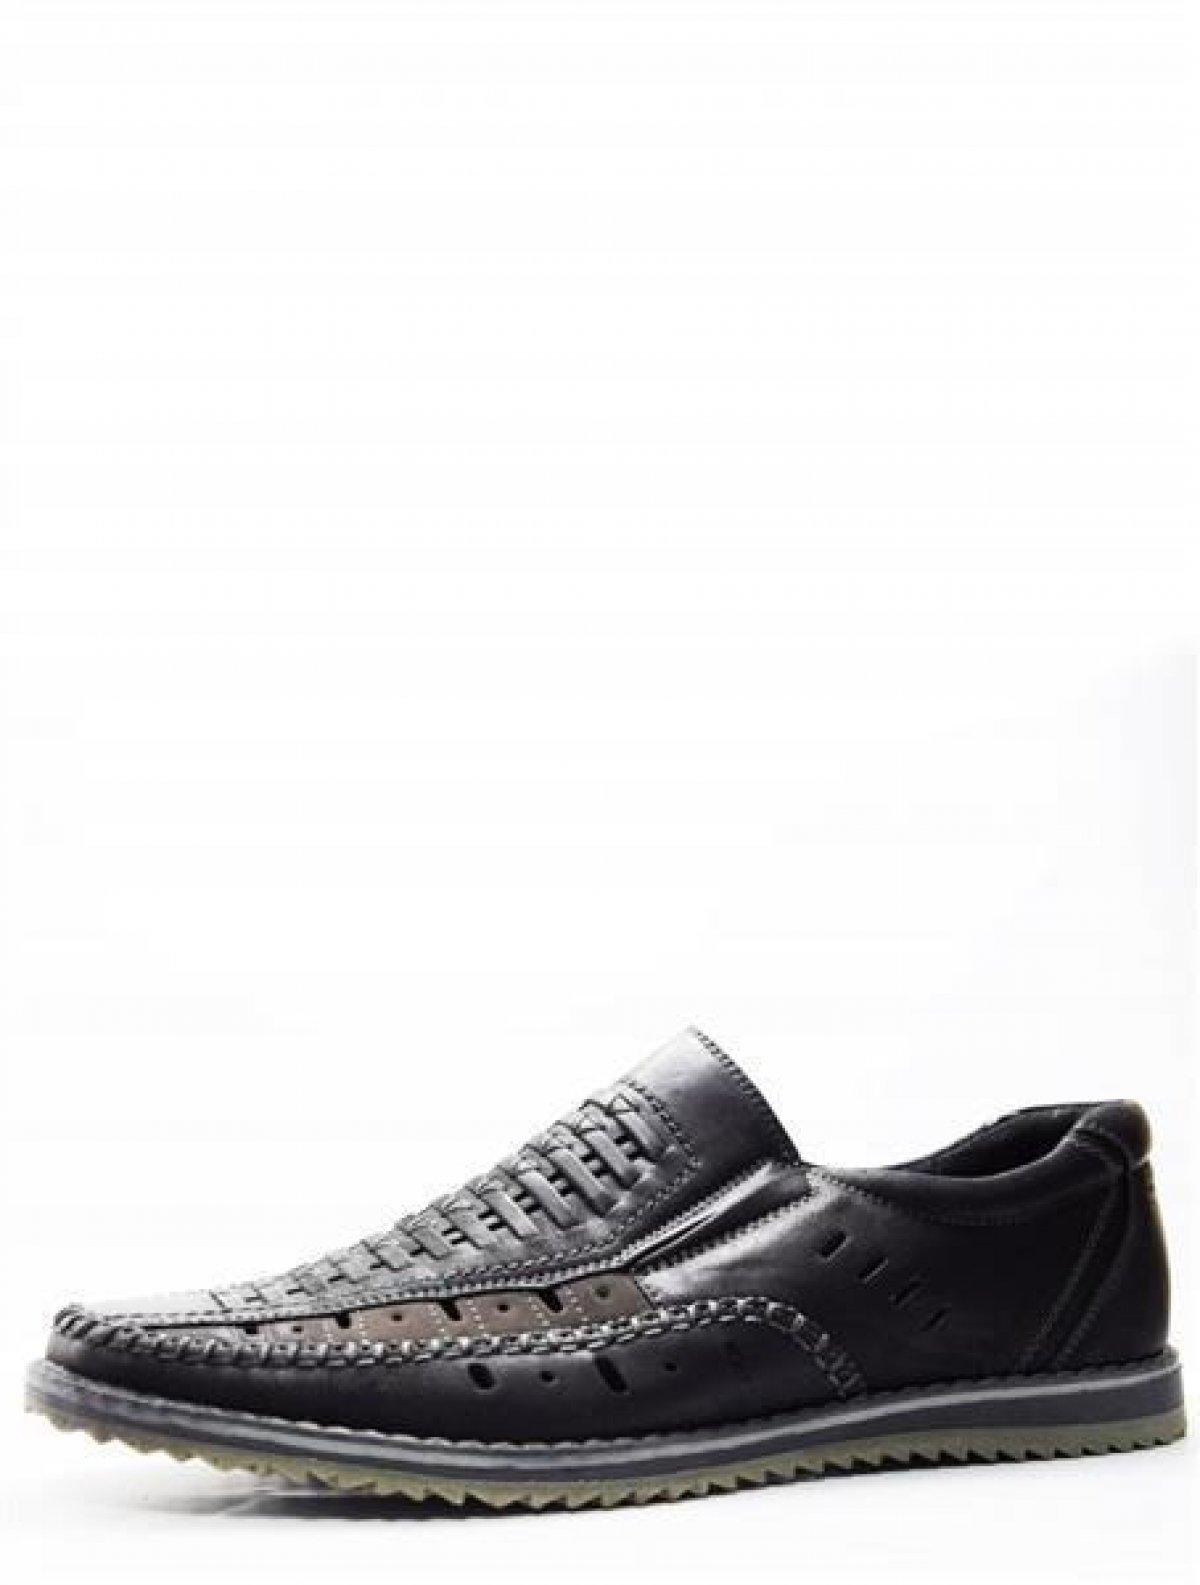 117169-5 туфли мужские